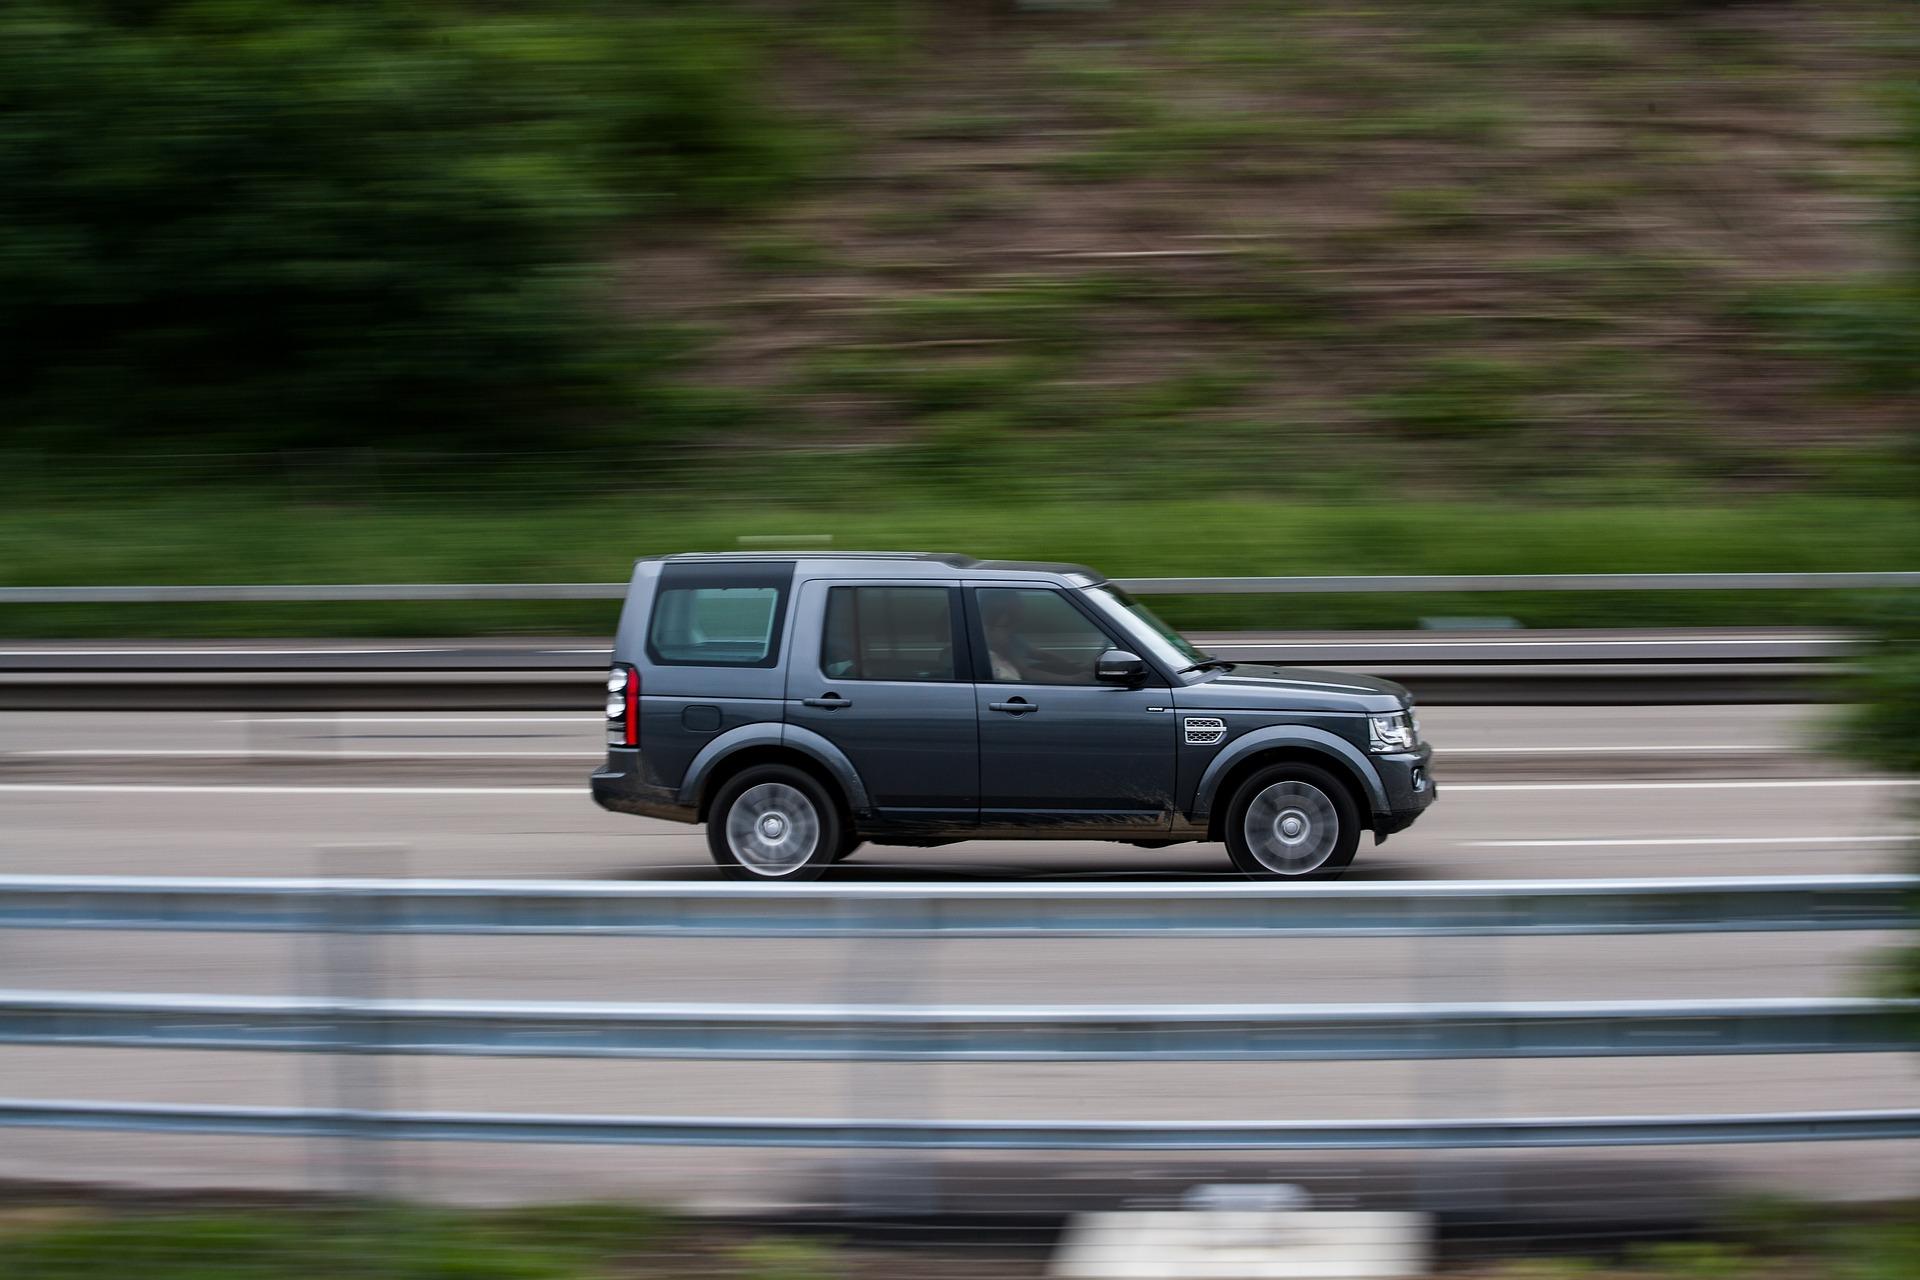 In Deuschland gibt es nun 27-mal mehr SUVs als Elektroautos